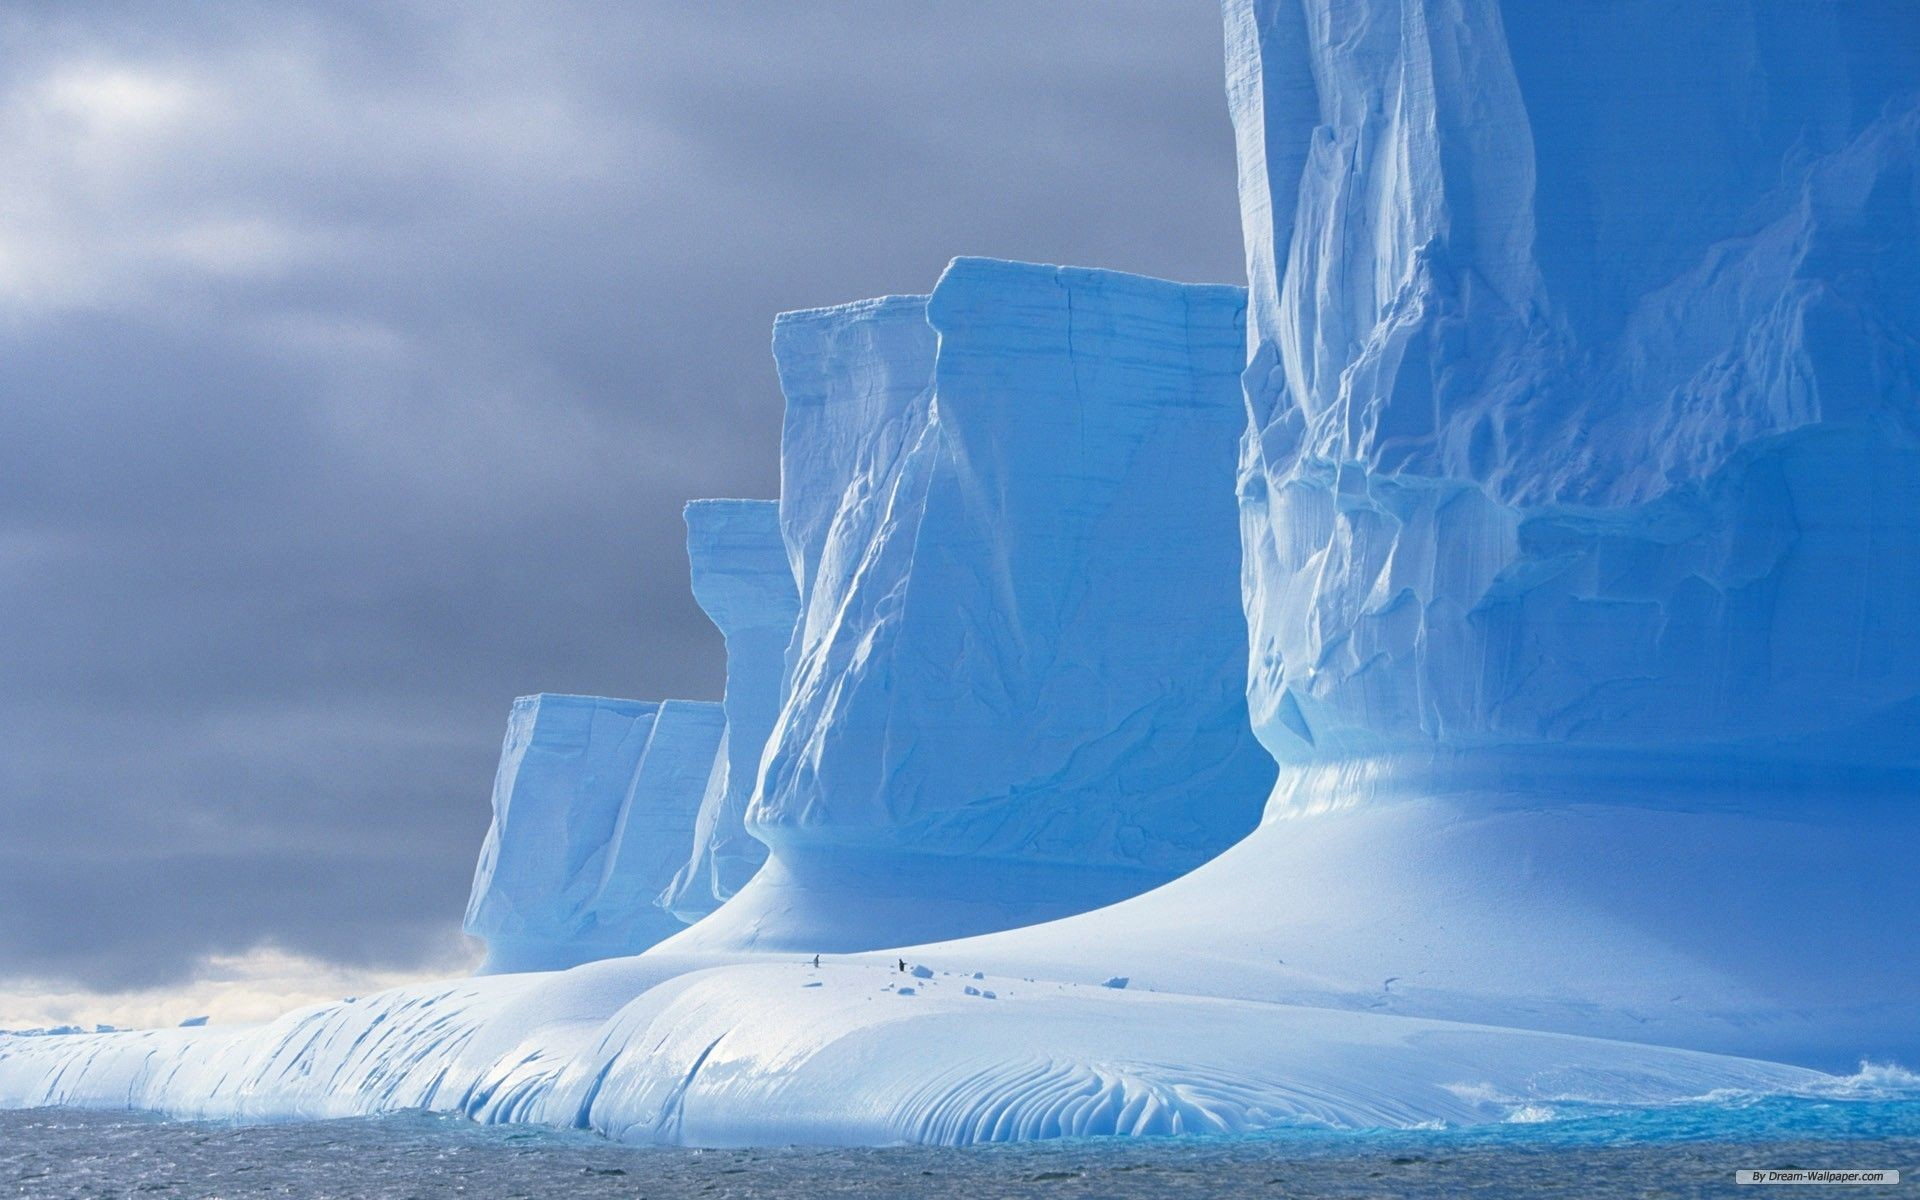 Antarctica Wallpaper 64 images 1920x1200